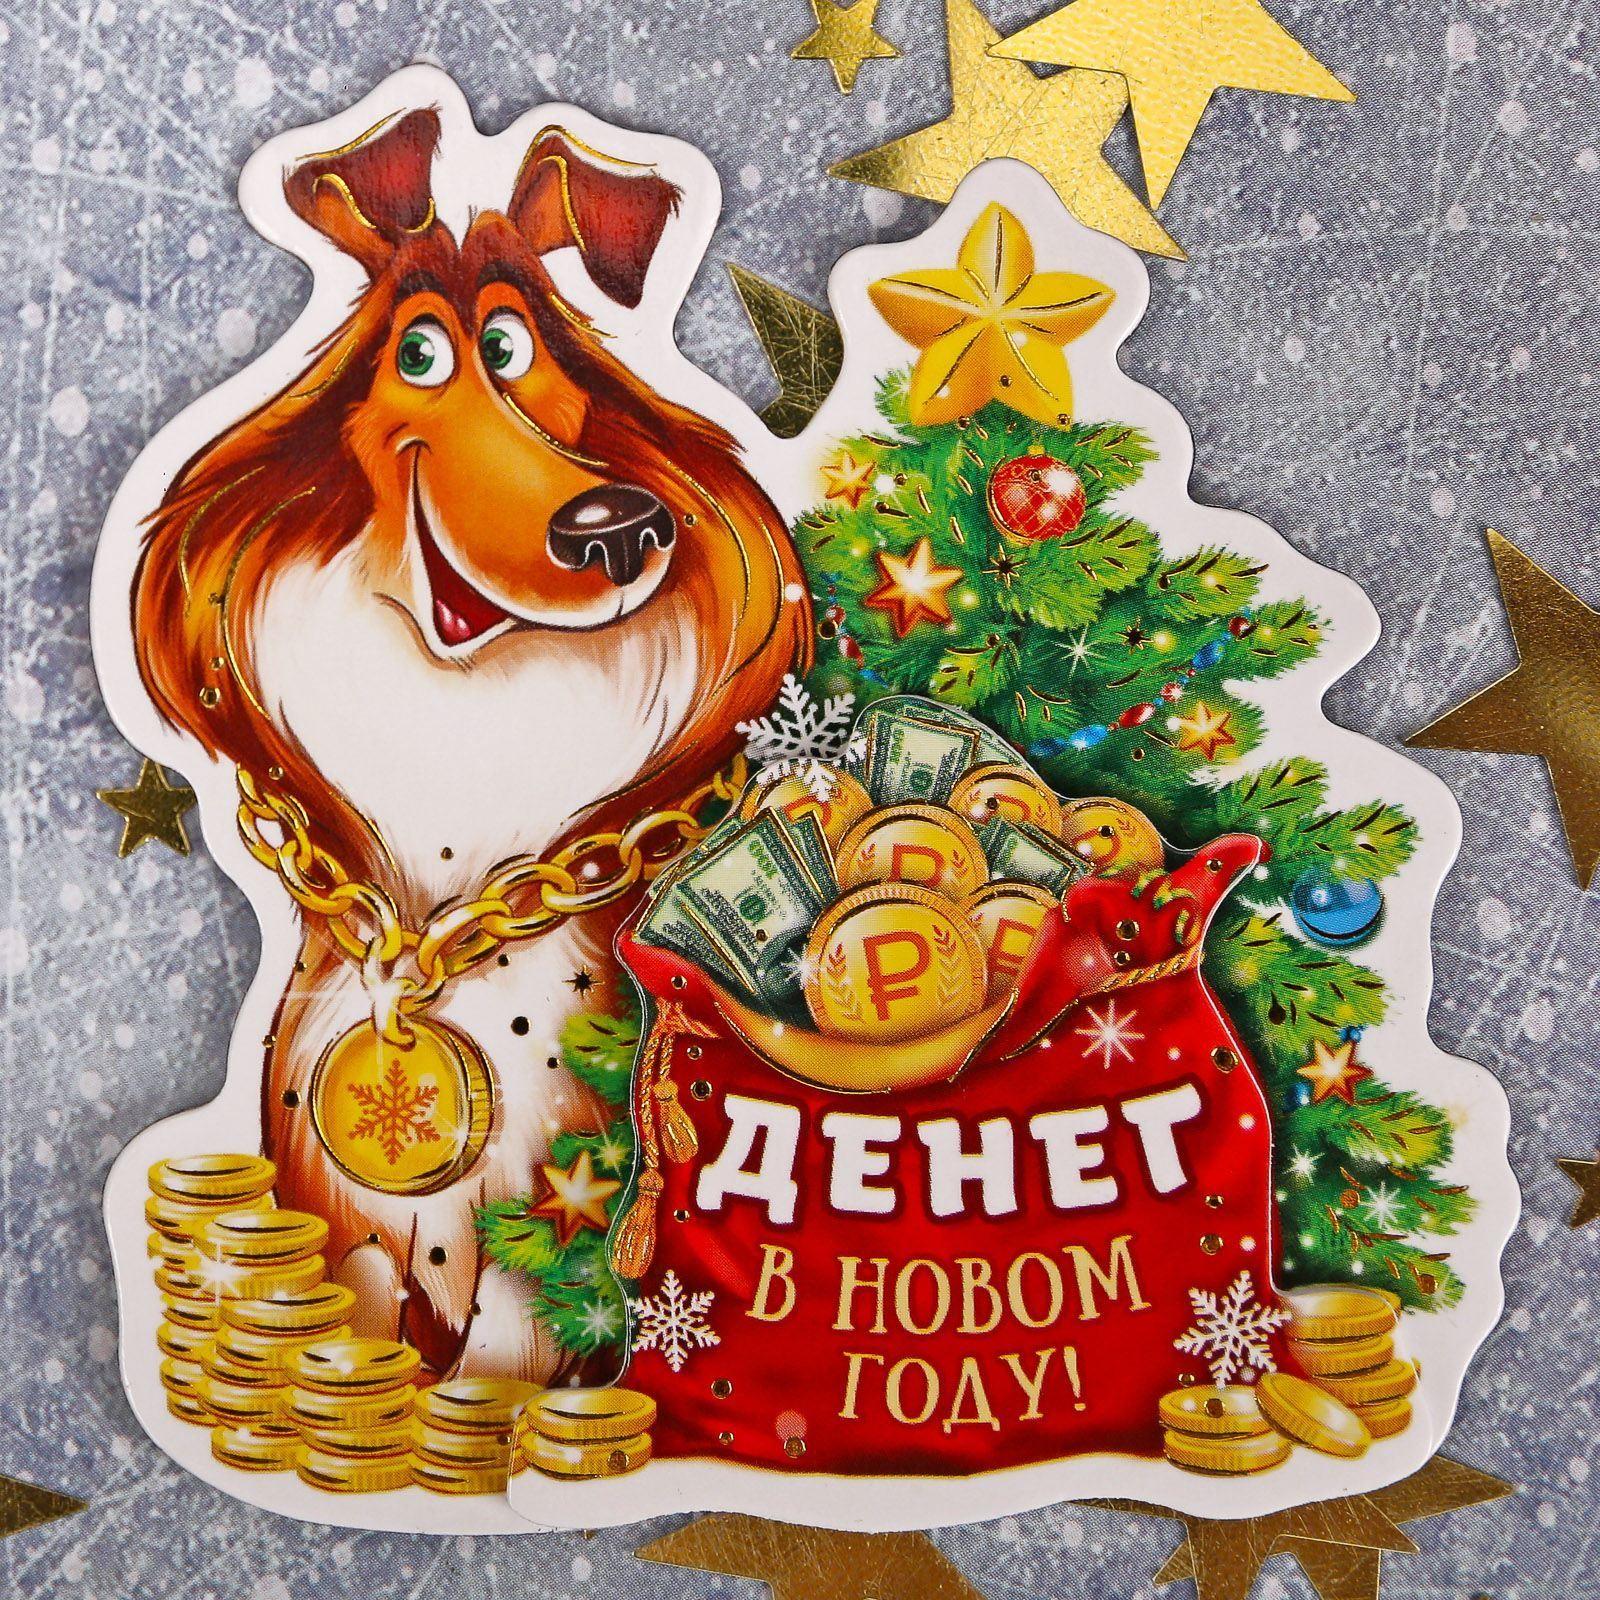 Магнит Sima-land Денег в Новом году, 7,2 х7,4 см2252397Порадуйте родных и близких оригинальным сувениром: преподнесите в подарок магнит. С ним даже самый серьёзный человек почувствует себя ребёнком, ожидающим чудо! Создайте праздничное настроение, и оно останется с вами на весь год.